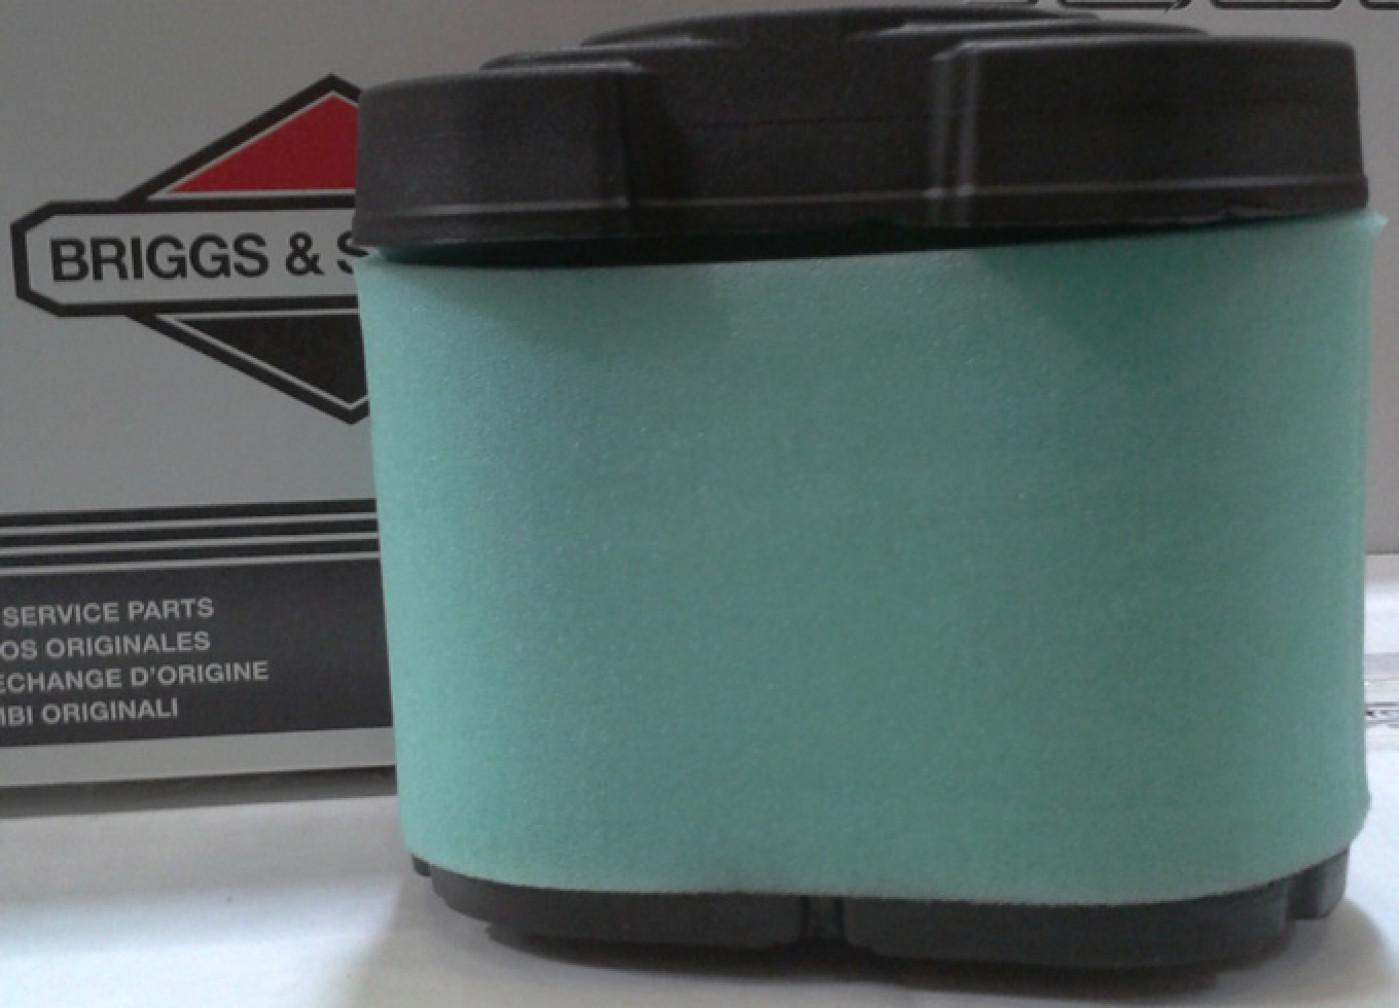 Vzduchový filter BRIGGS&STRATTON OHV NOVÝ TYP - 2 VÁLCE originálný diel 792105